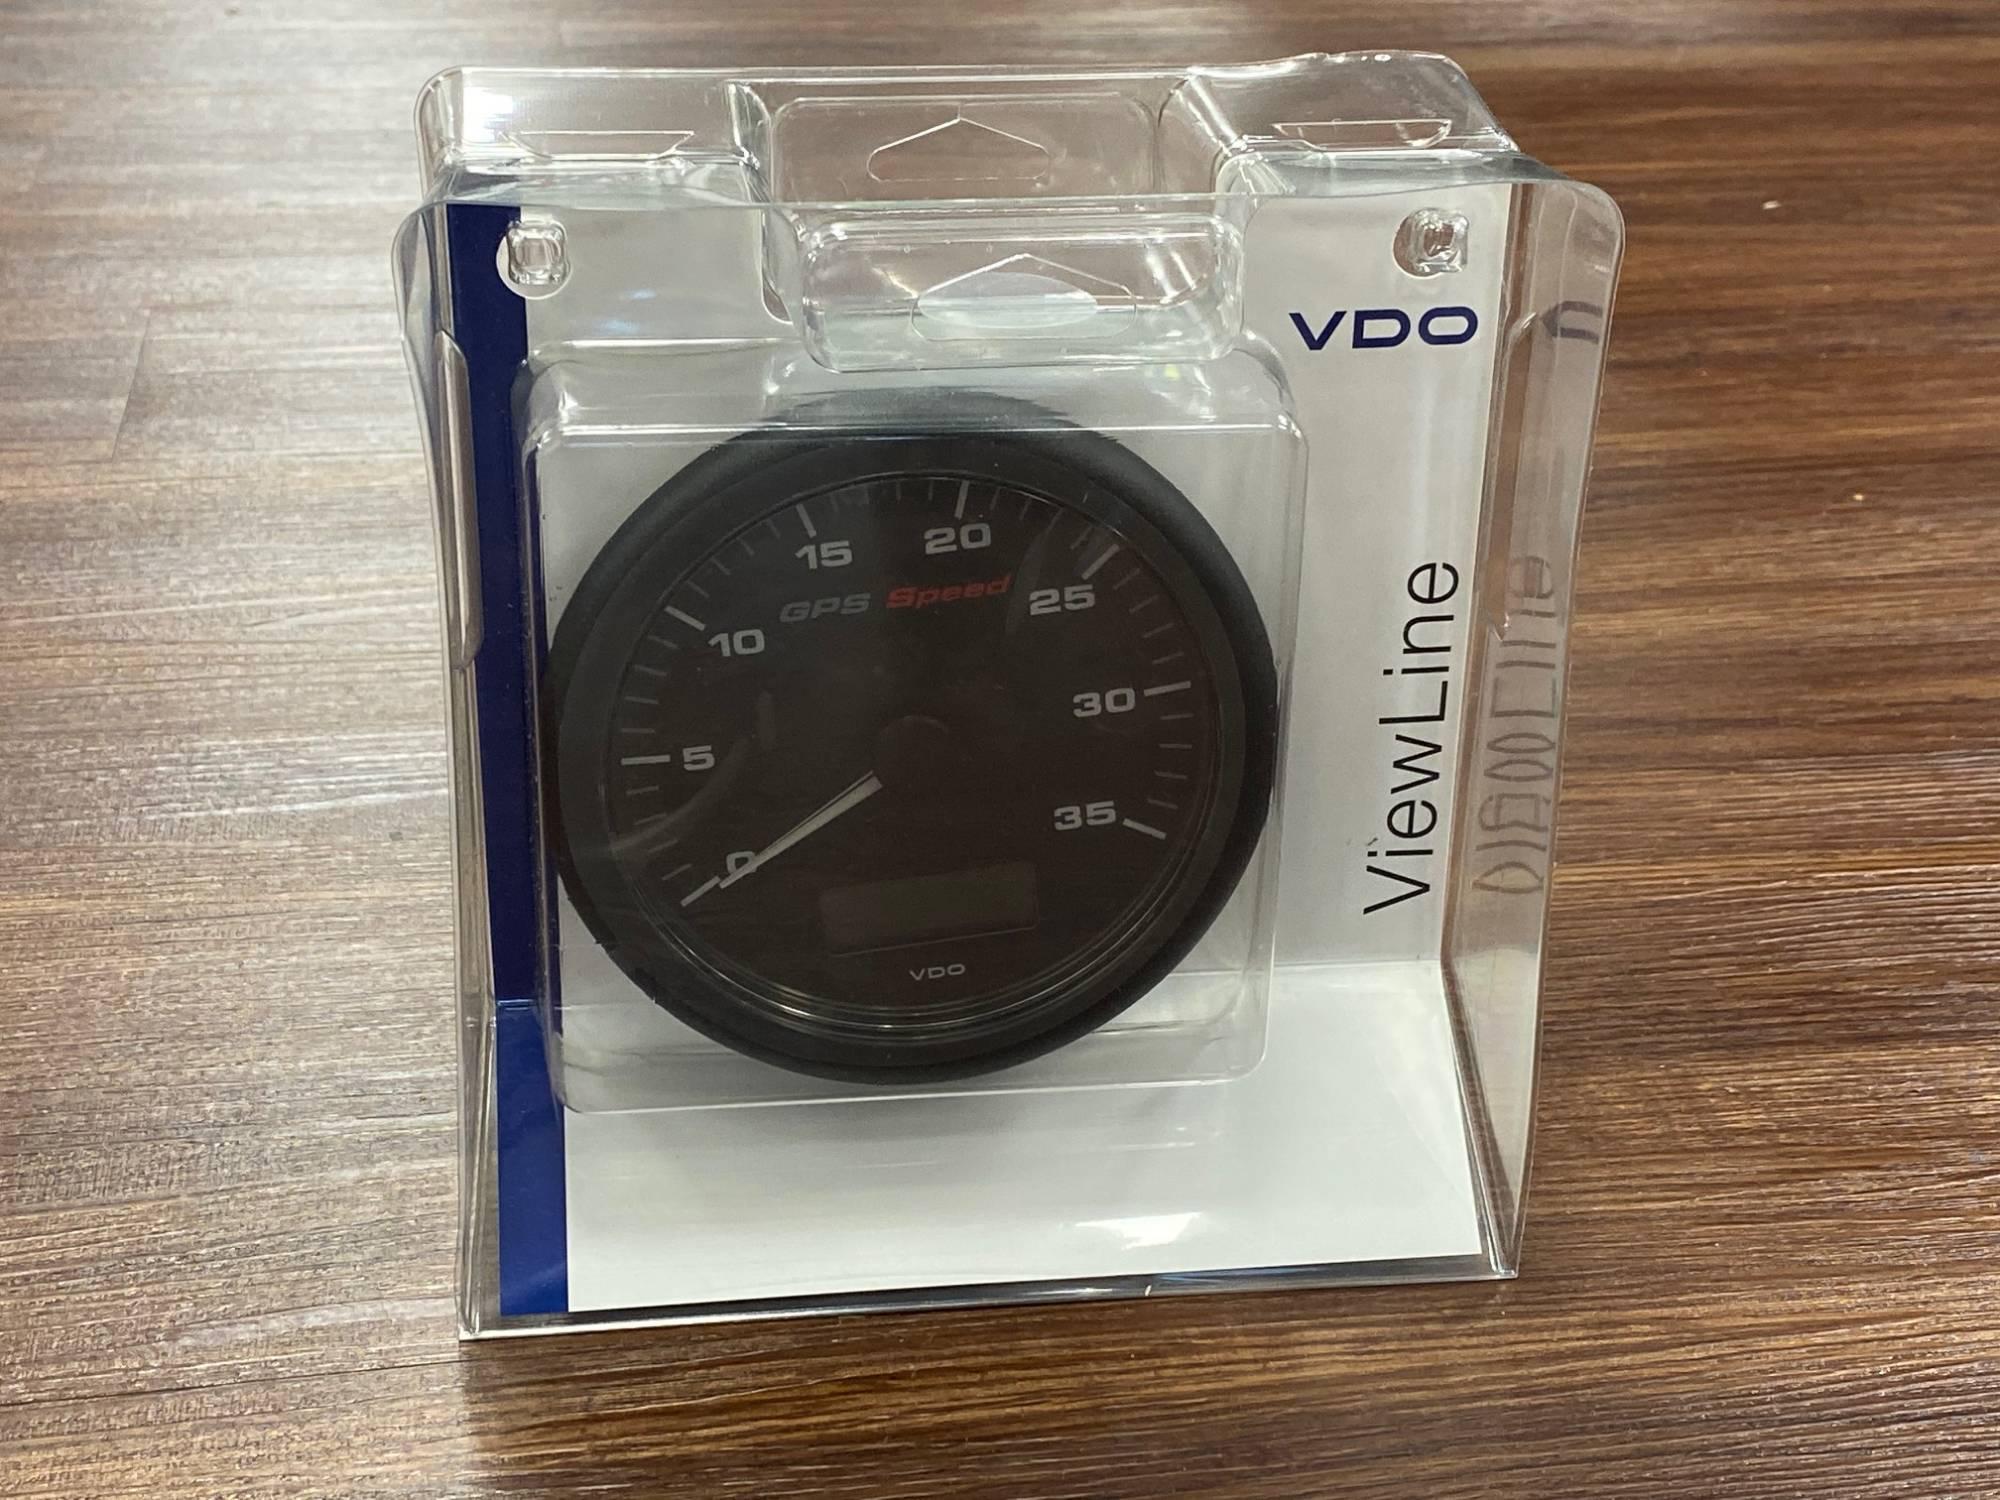 VDO GPS Speedometer Geschwindigkeitsanzeige bis 70 Knoten(Motorboote) 110 mm